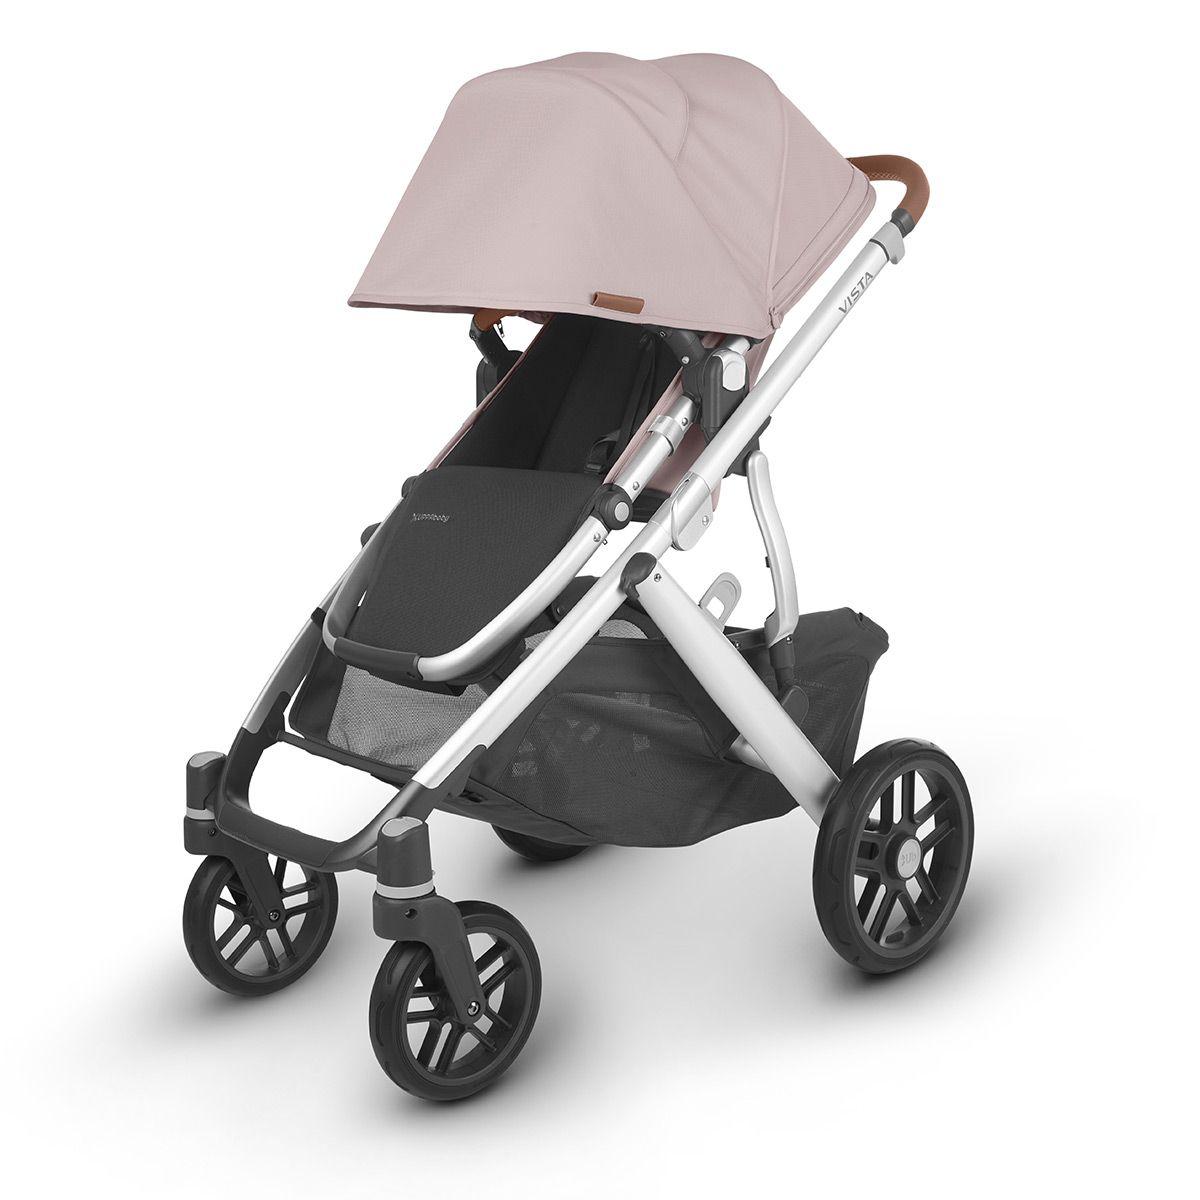 Vista V2 Stroller Alice in 2020 Baby car seats